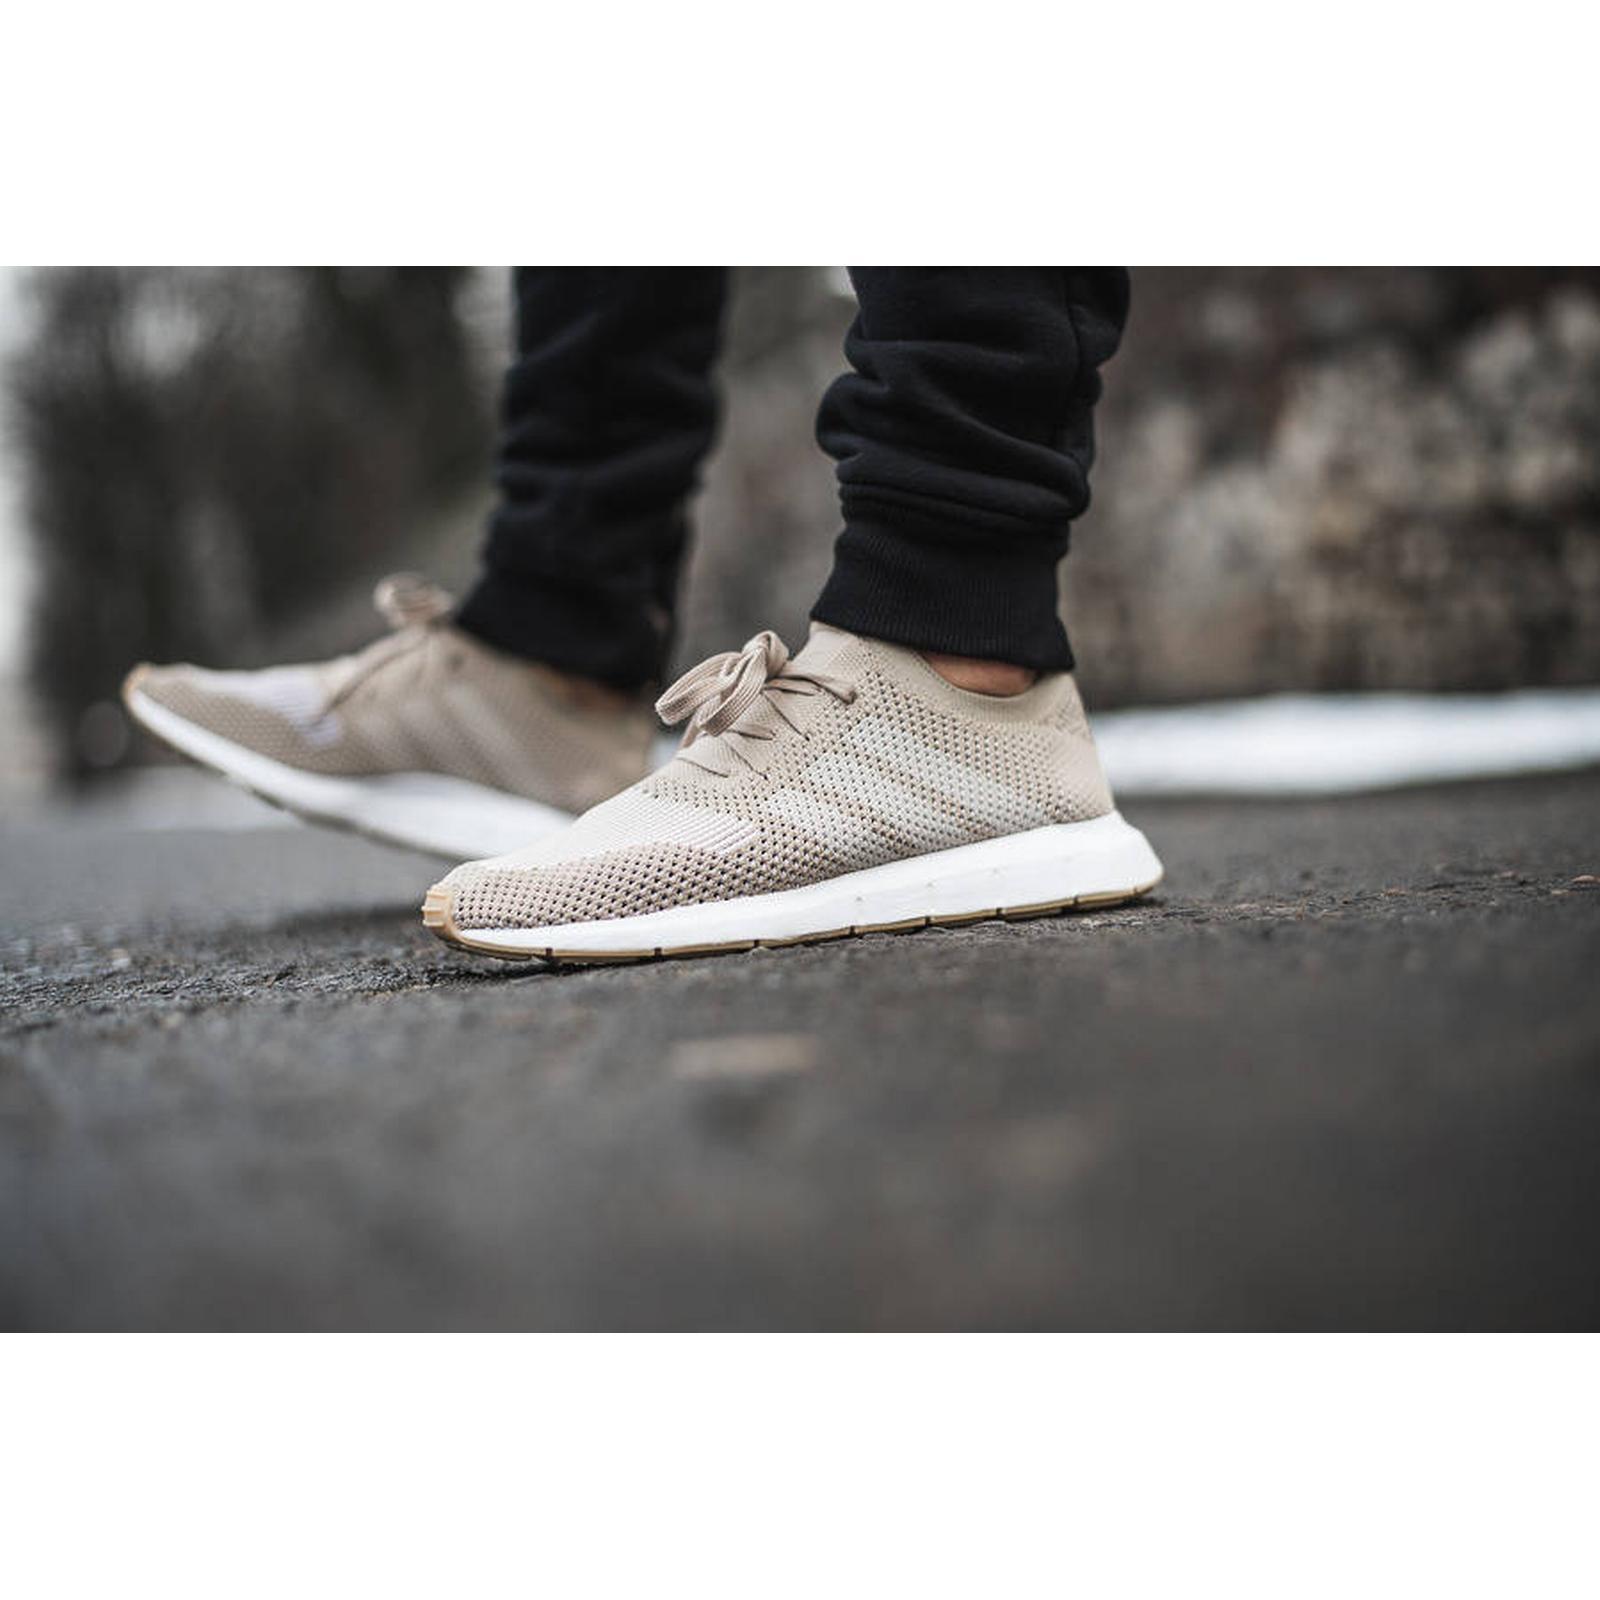 Adidas Originals Originals Men's Shoes sneakers adidas Originals Originals Swift Run Primeknit CQ2890 BRONZE Size 42 8fe78f